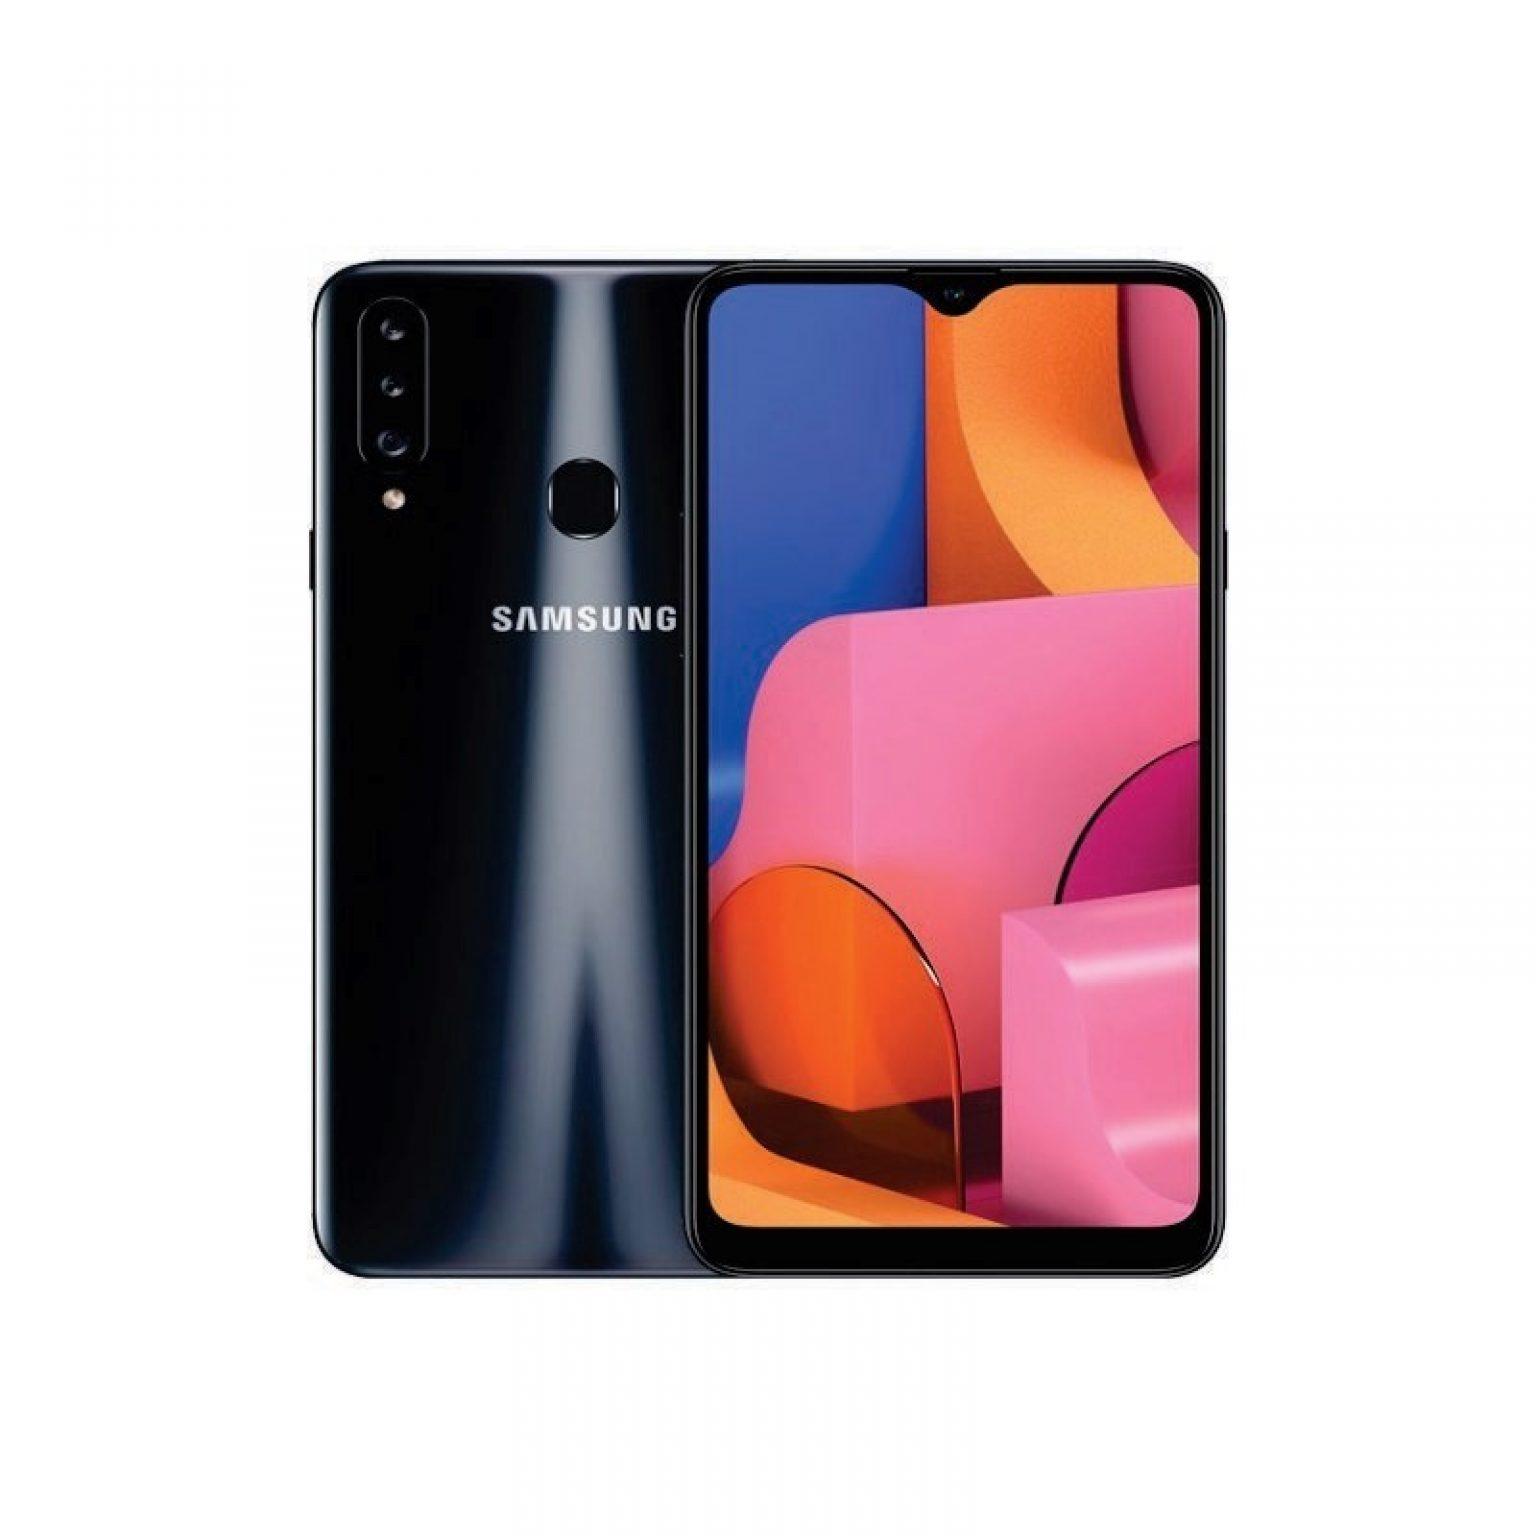 SAMSUNG - Galaxy A20s 32Gb Black [SM-A207FZKDXID]